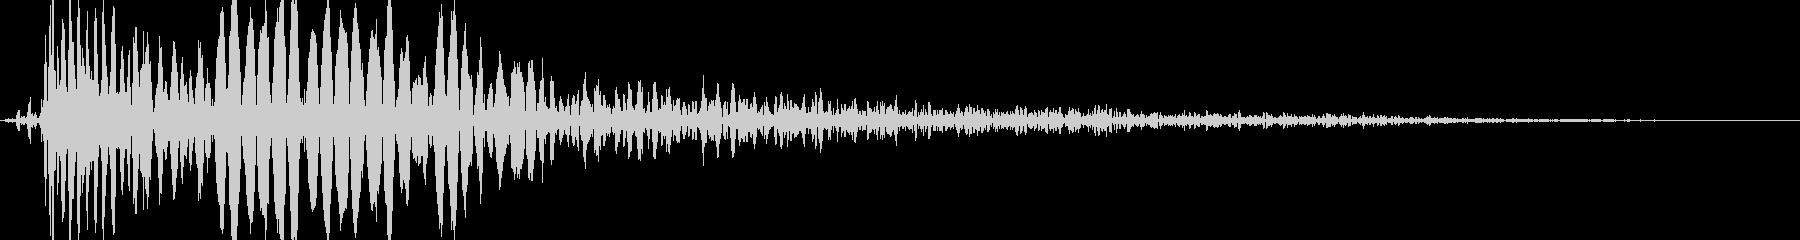 ブワッ(衝撃系の出現音等の未再生の波形